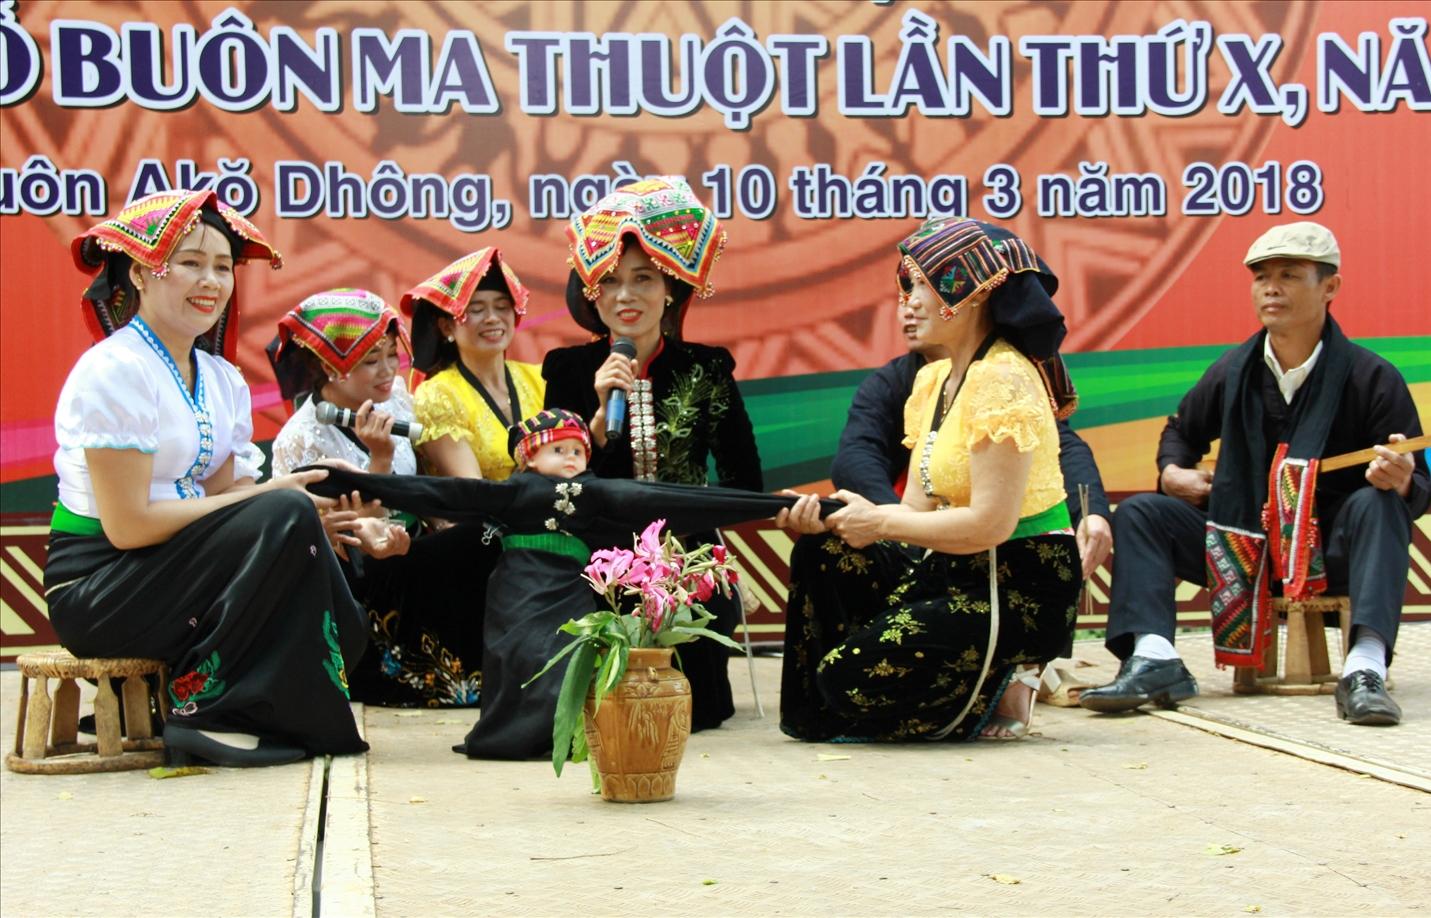 Đồng bào dân tộc Thái xã Hòa Phú, TP. Buôn Ma Thuột sinh hoạt văn hóa Thái